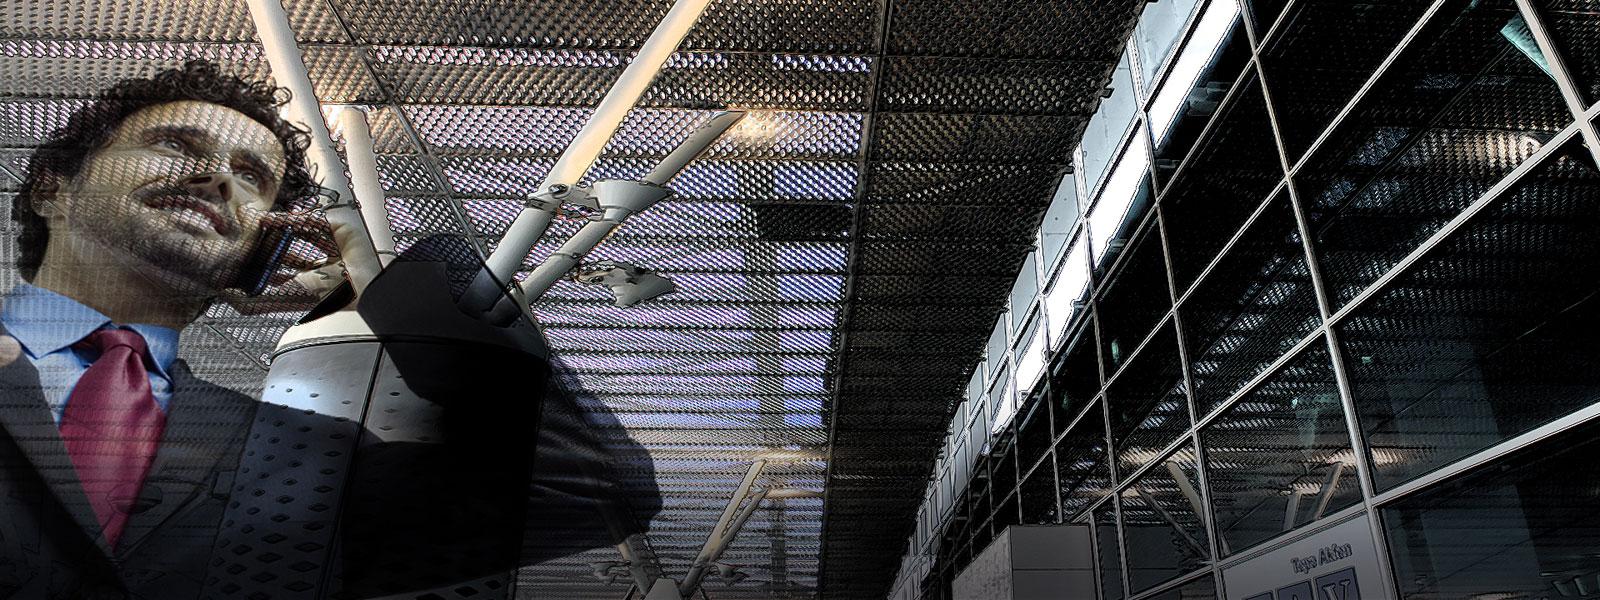 Produzione e fornitura di rete stirata e grigliati